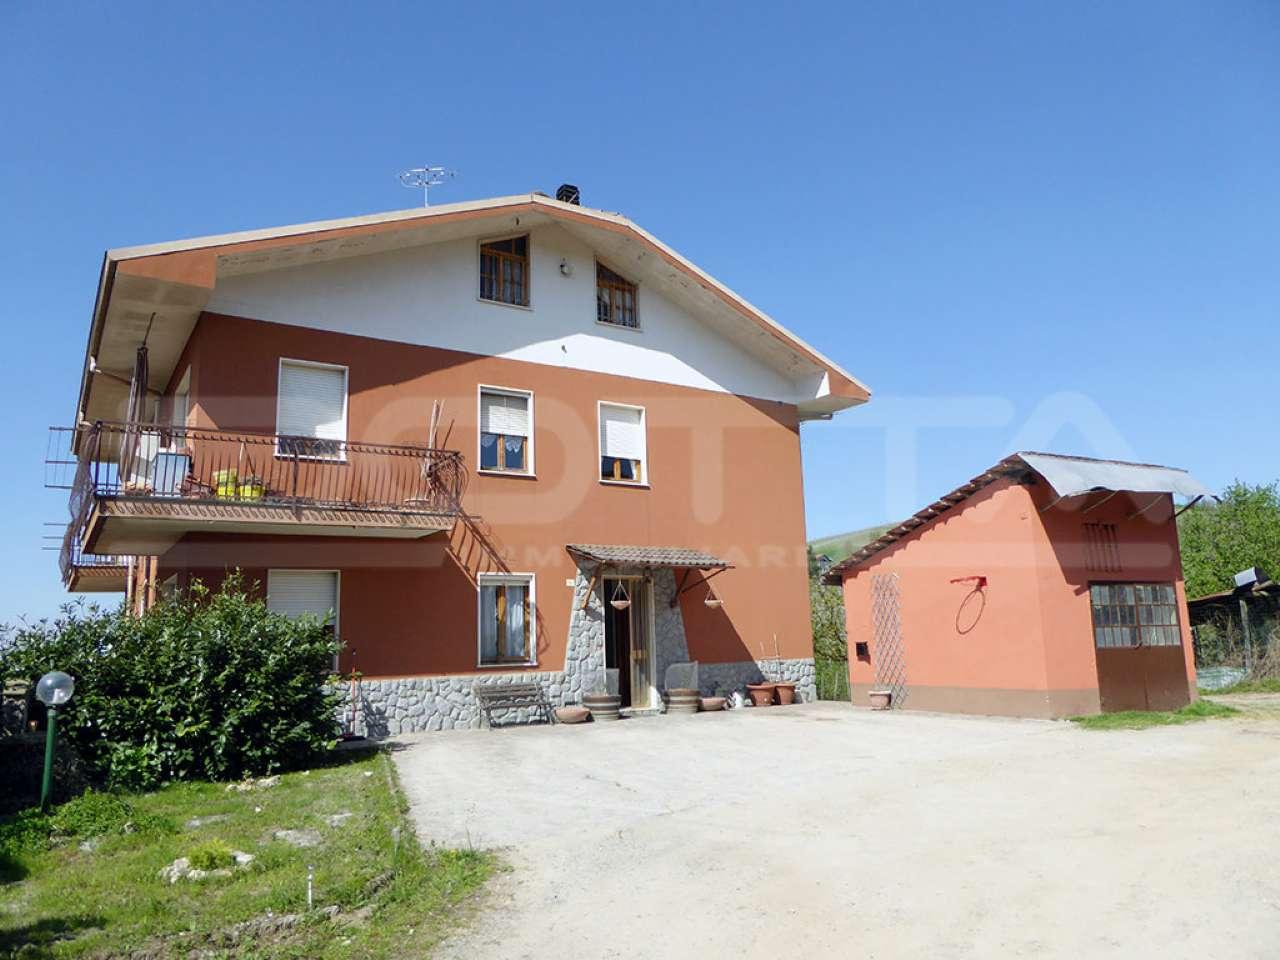 Soluzione Indipendente in vendita a Dogliani, 10 locali, prezzo € 248.000 | CambioCasa.it